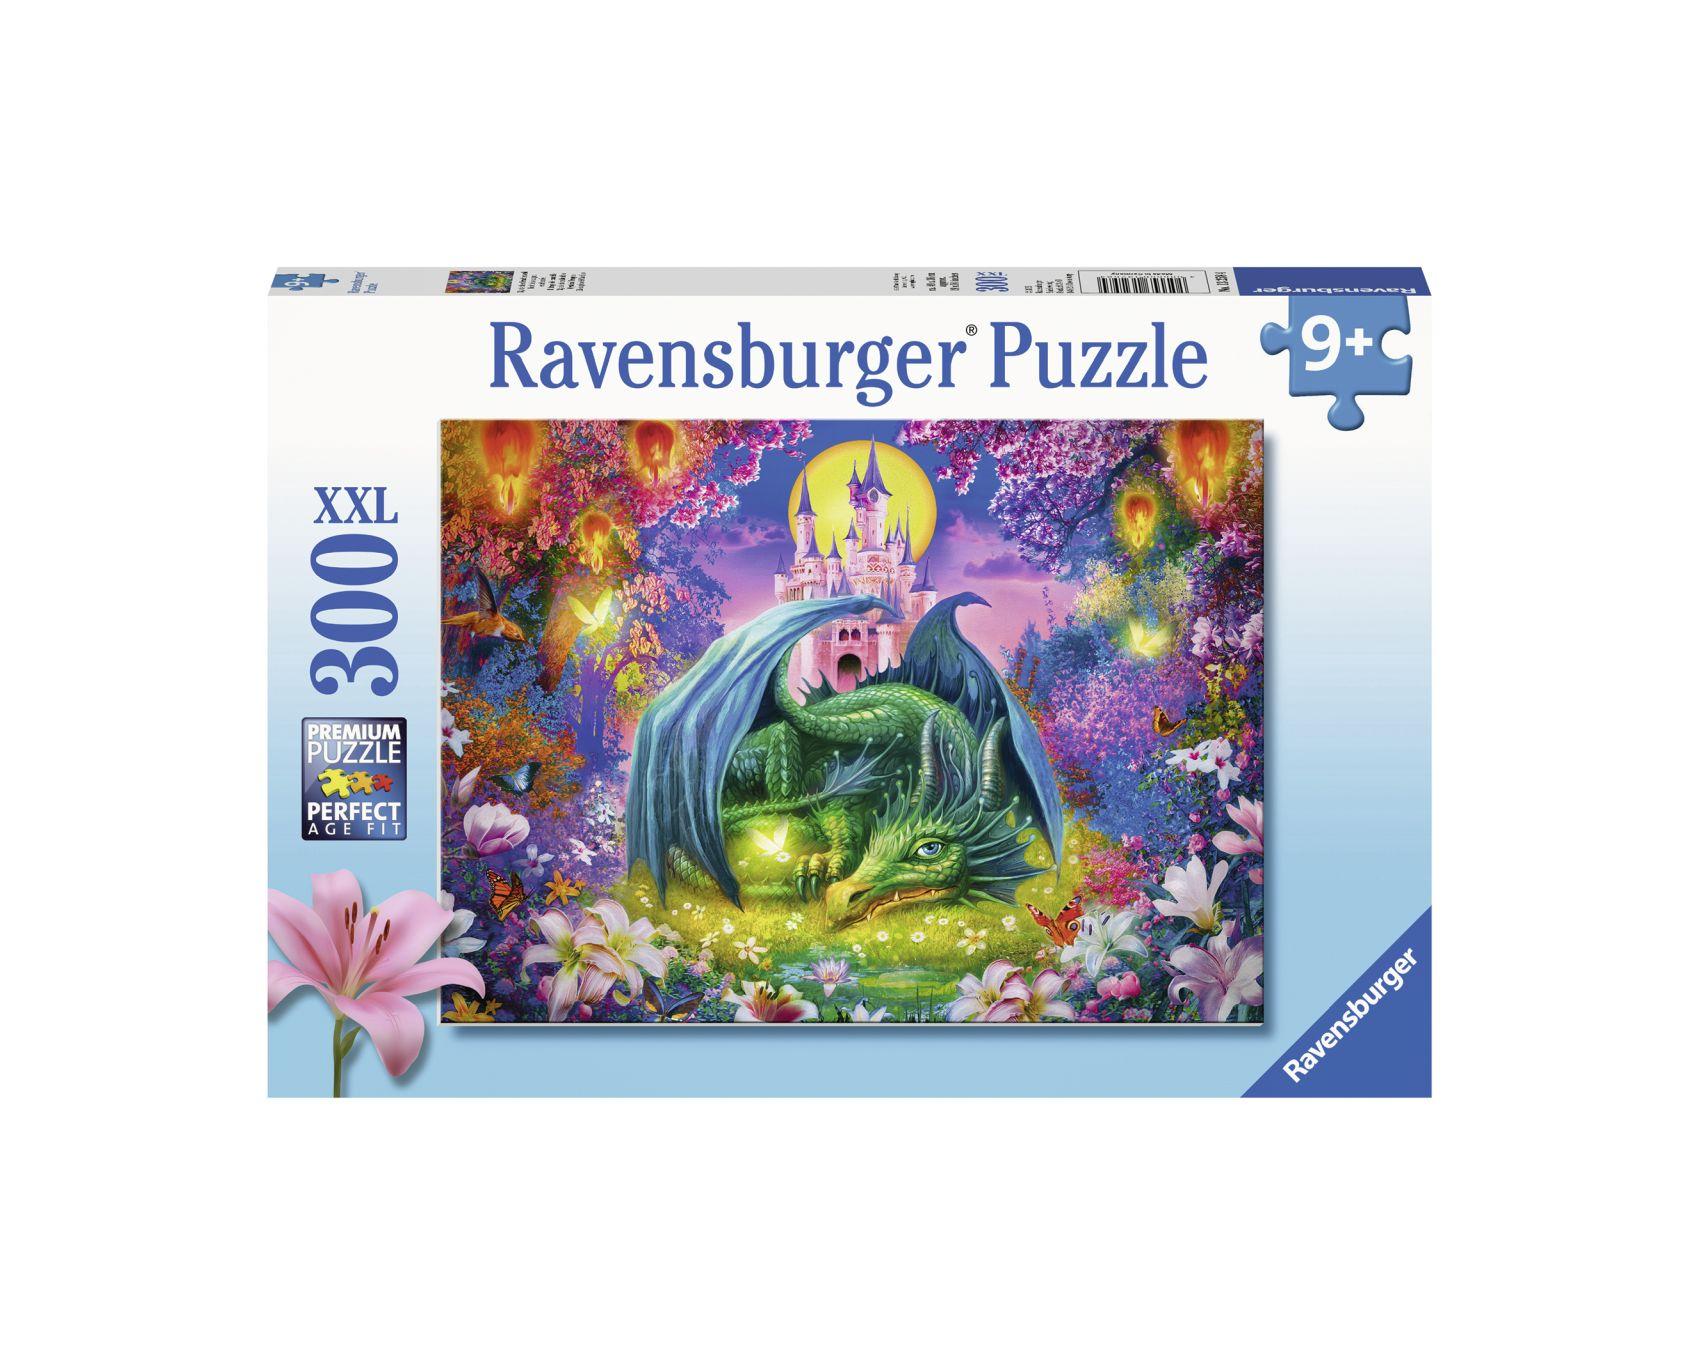 Ravensburger puzzle 300 pezzi xxl - il drago del castello -